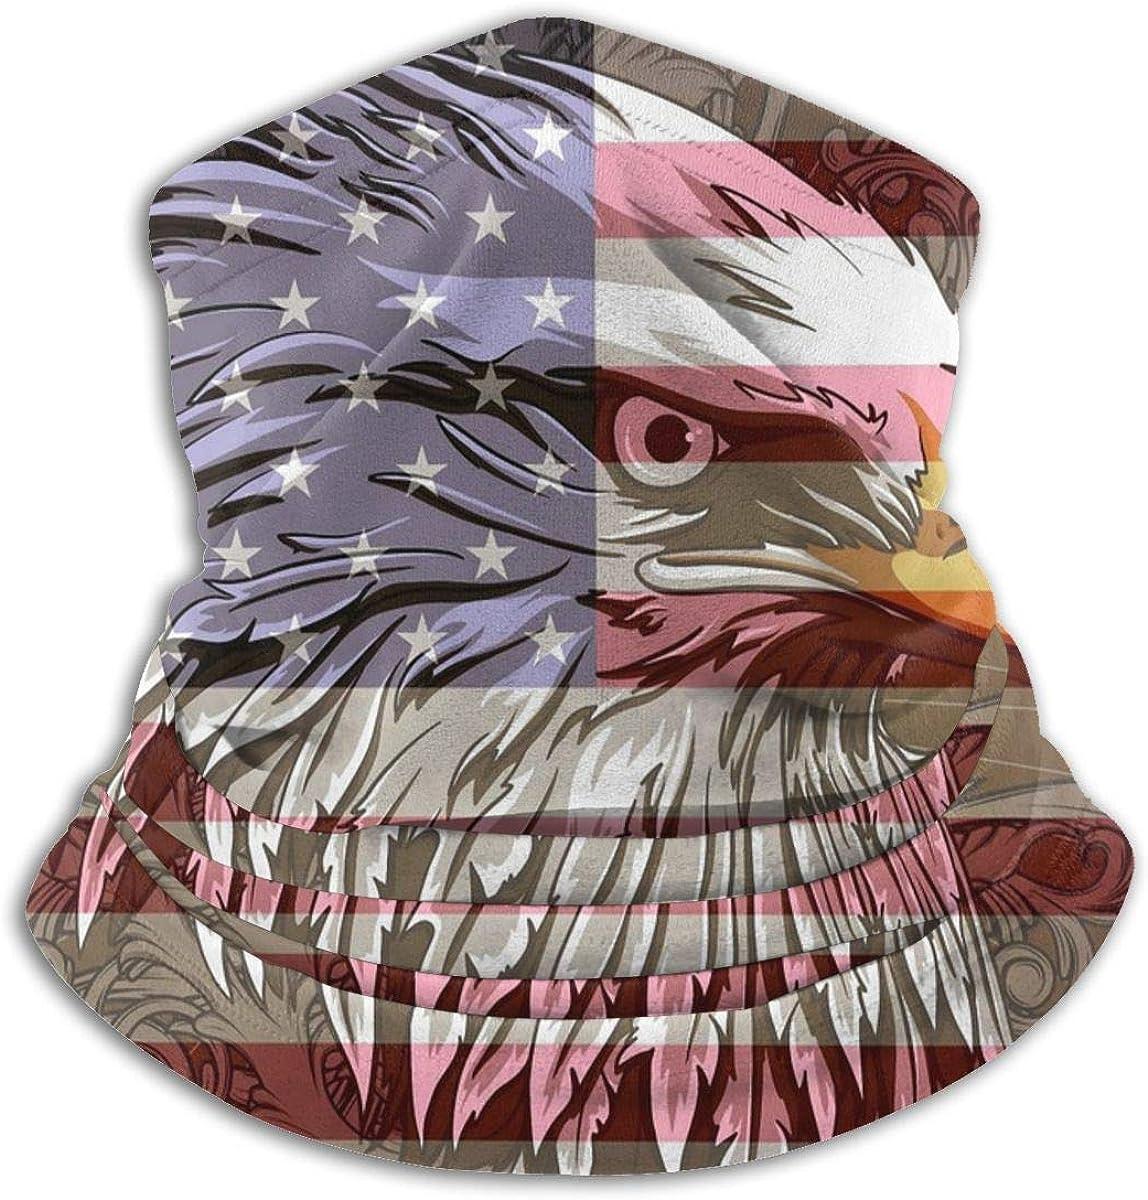 American Eagle Flag Sun Protección contra el polvo UV Bandana a prueba de viento Mascarilla Cuello Polaina Bufanda mágica Pasamontañas Cubierta de la cara Bufanda